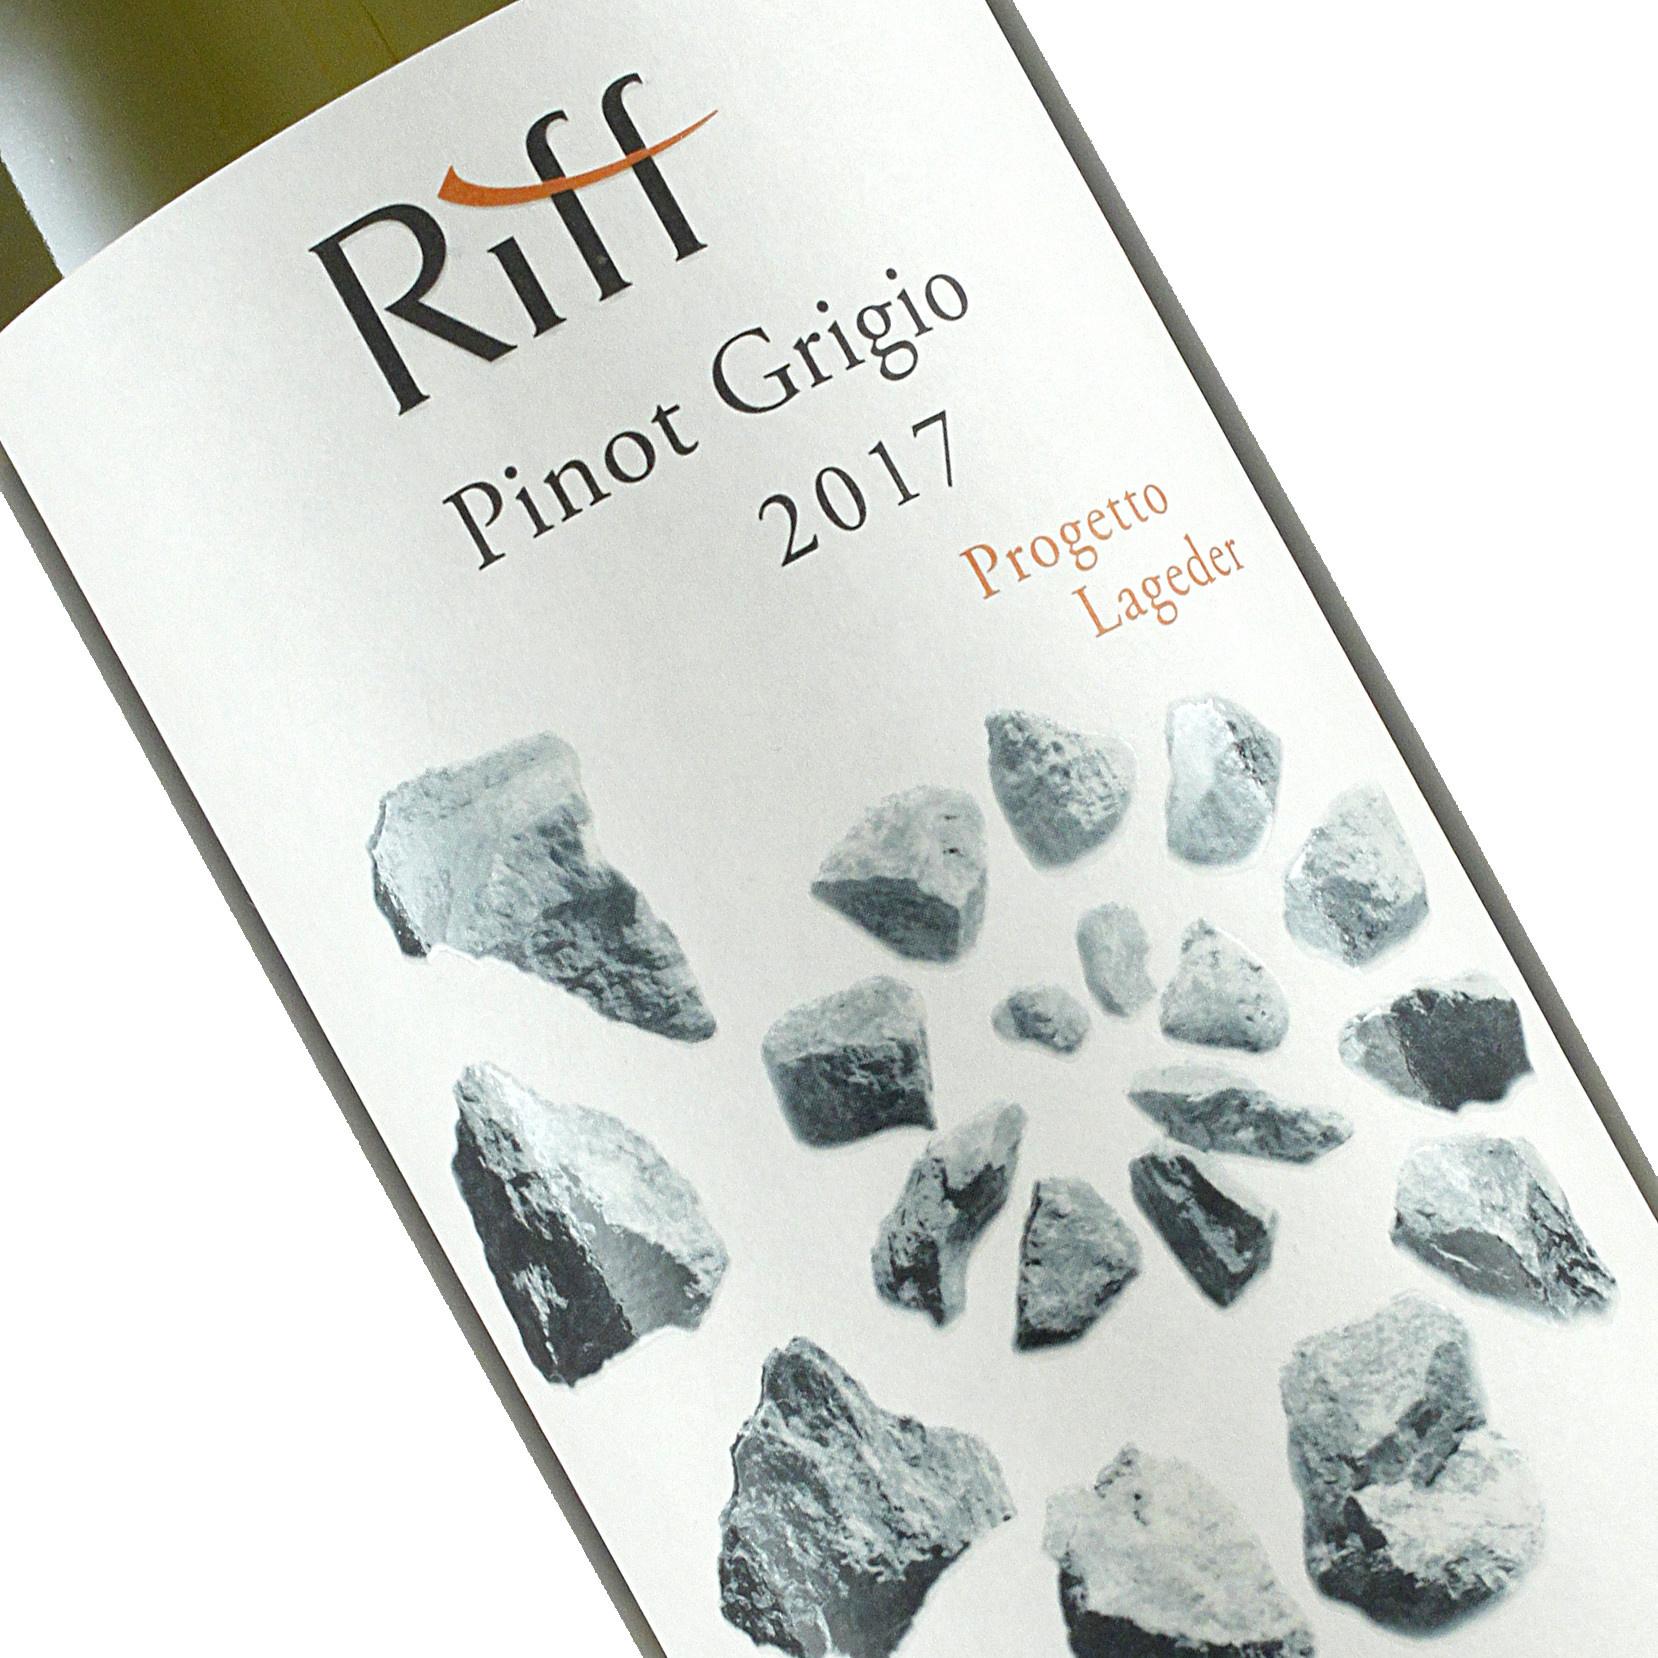 Riff 2017 Pinot Grigio, Veneto